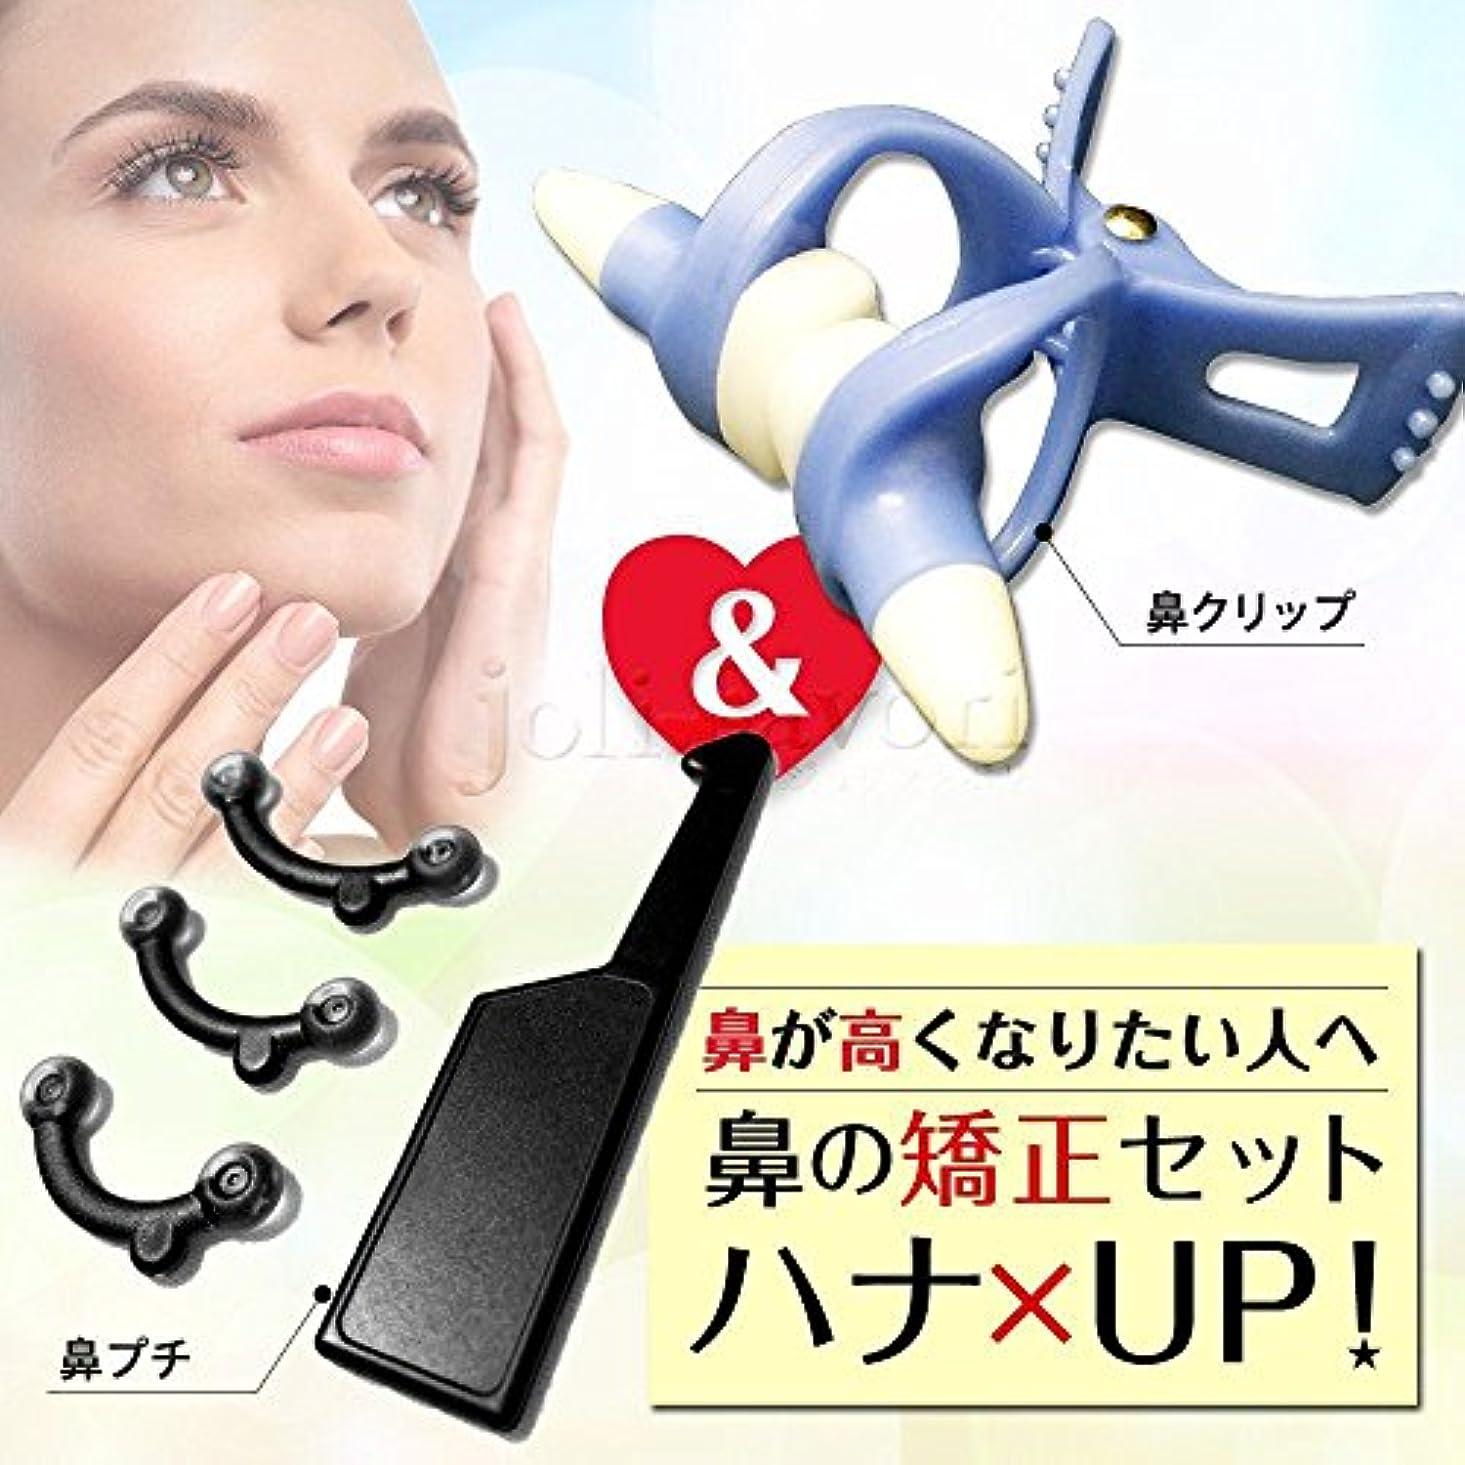 雹威信熟読する【jolifavori】鼻プチ&ノーズアップ 着けるだけ簡単!鼻メイク矯正セット